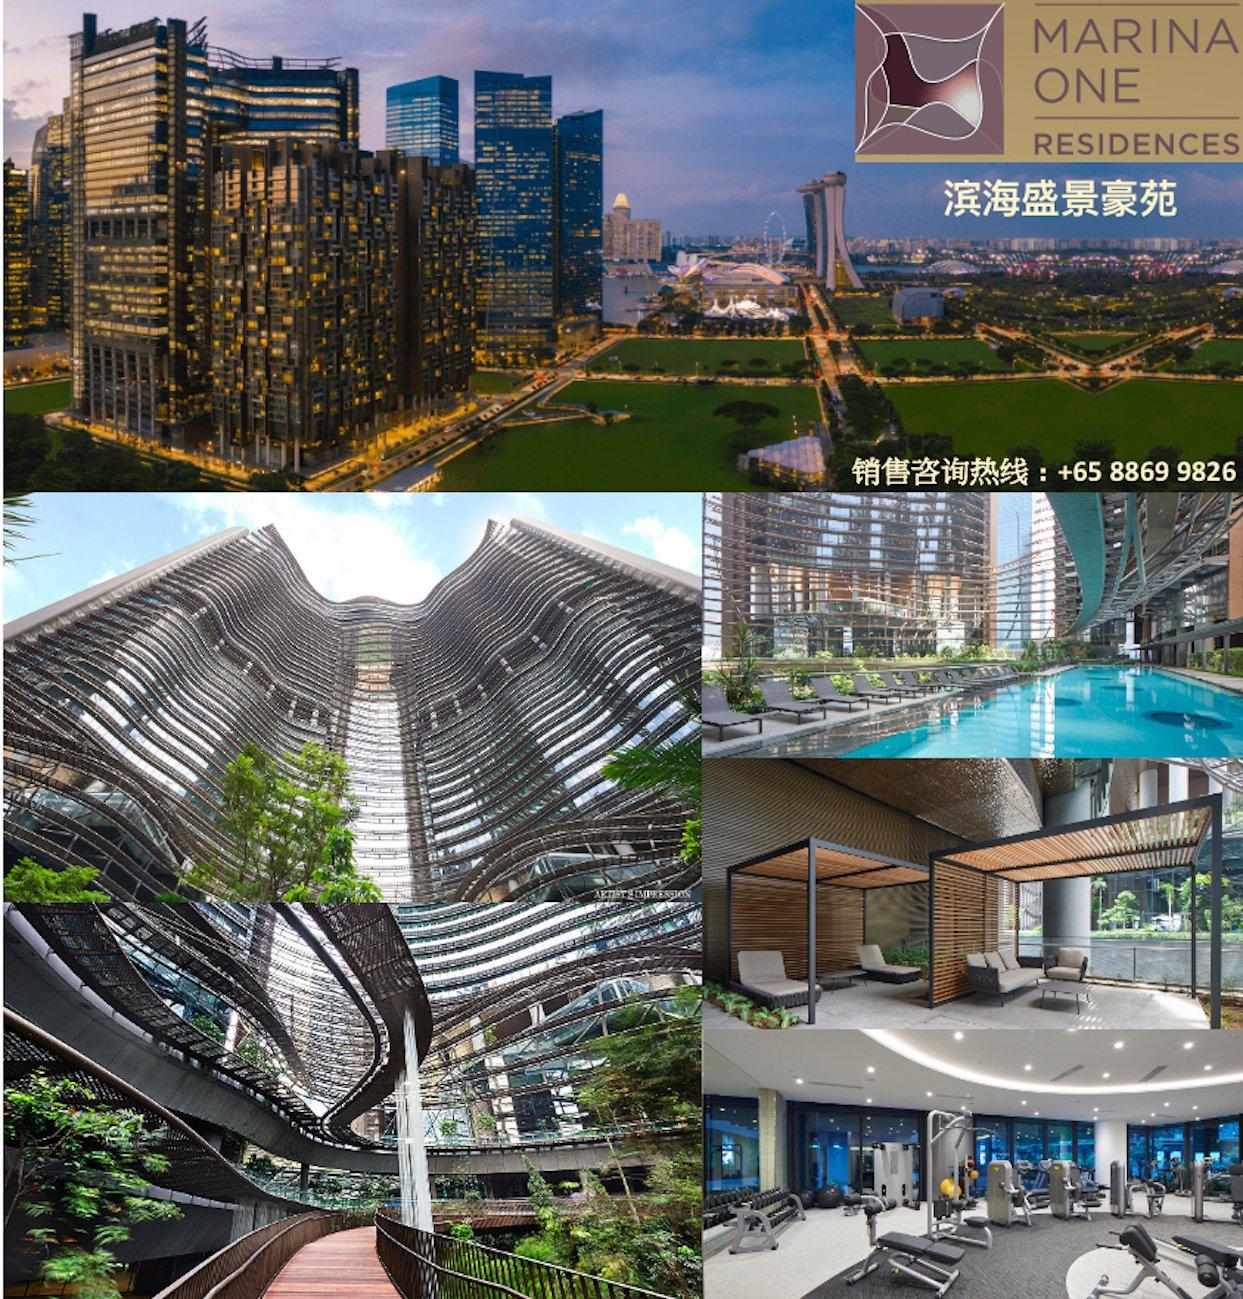 滨海盛景豪苑 Marina One Residences 滨海湾豪华公寓